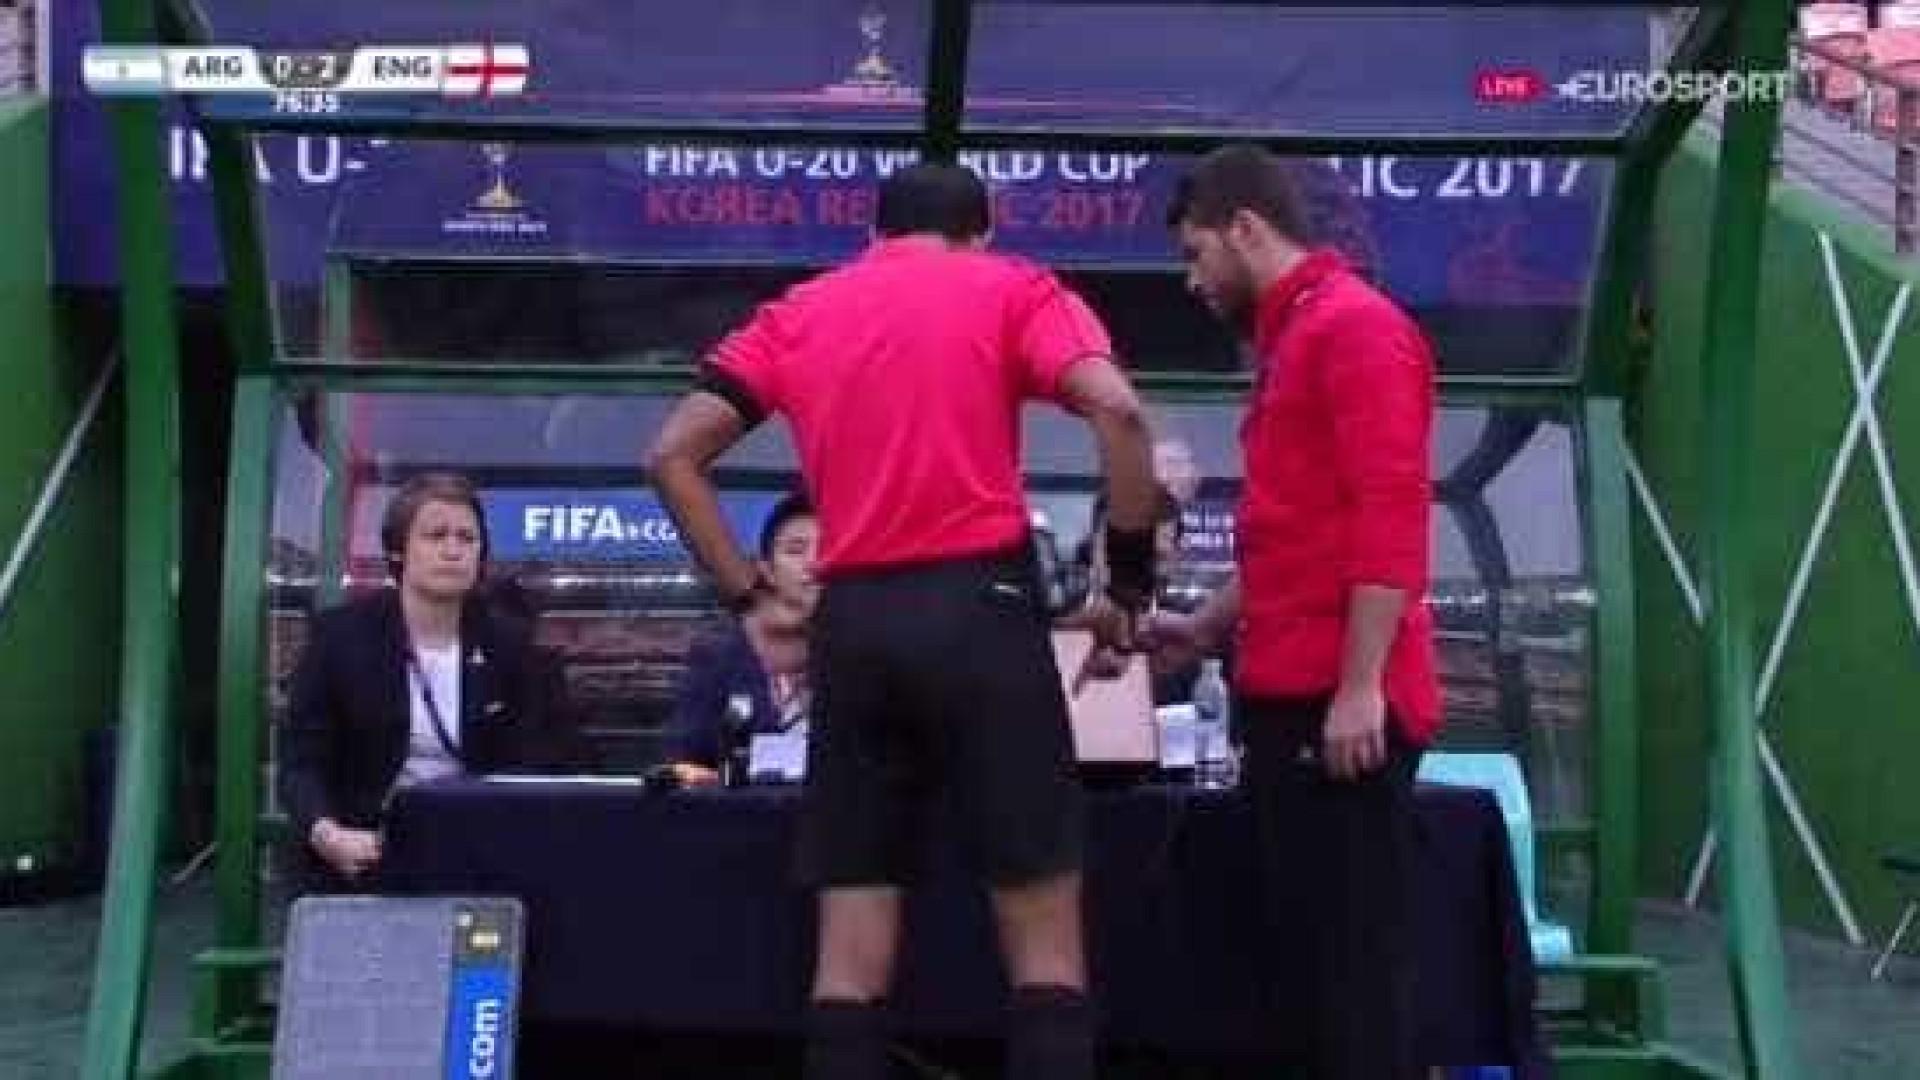 Mundial de sub-20 começa com decisão polémica do vídeo-árbitro